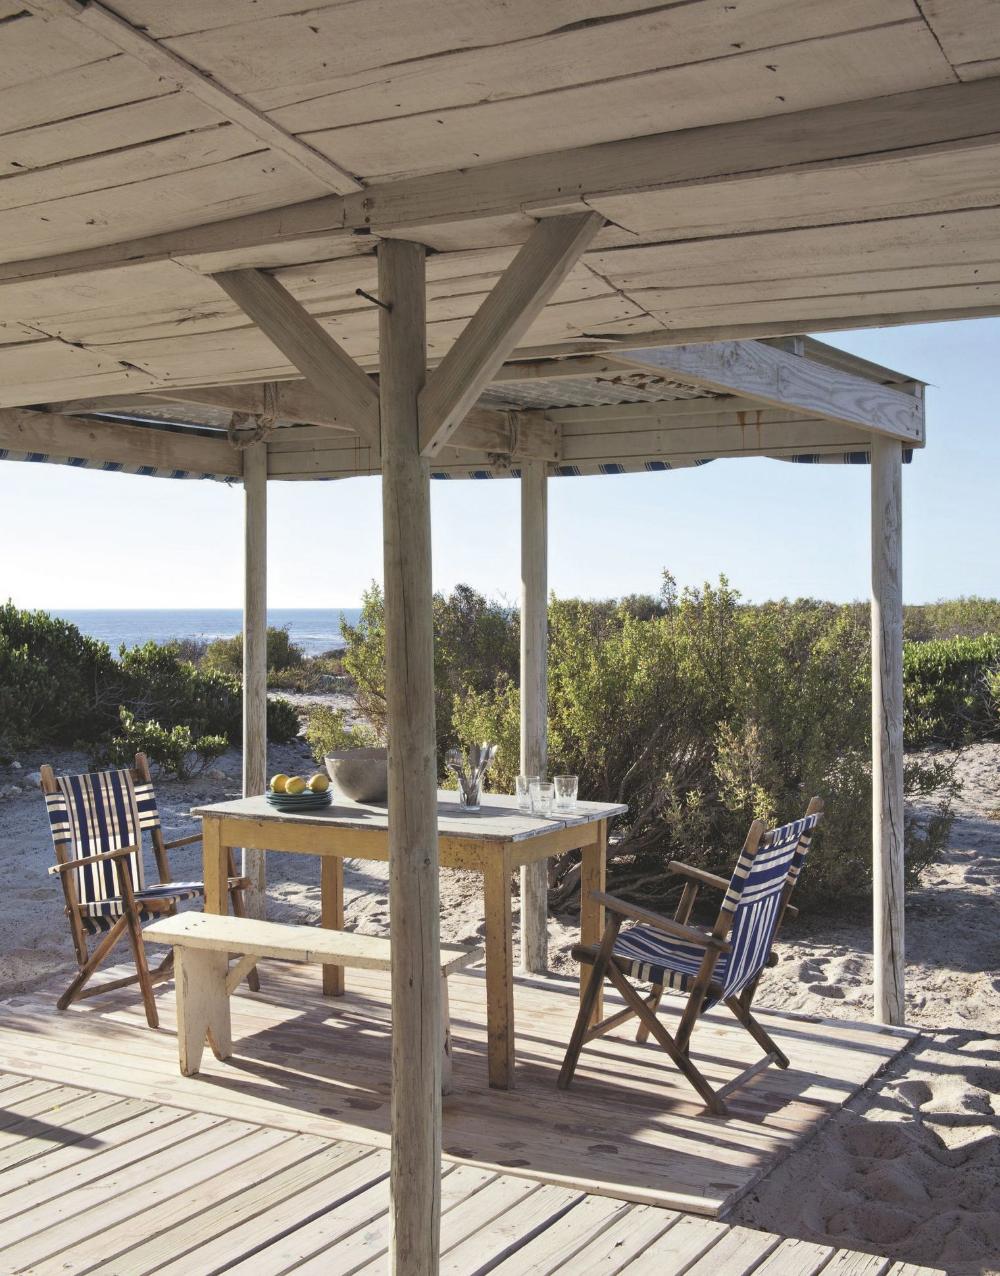 Une Cabane Maison De Vacances Familiale Face A L Ocean Maison De Vacances Cabane Maisons De Plage De Reve